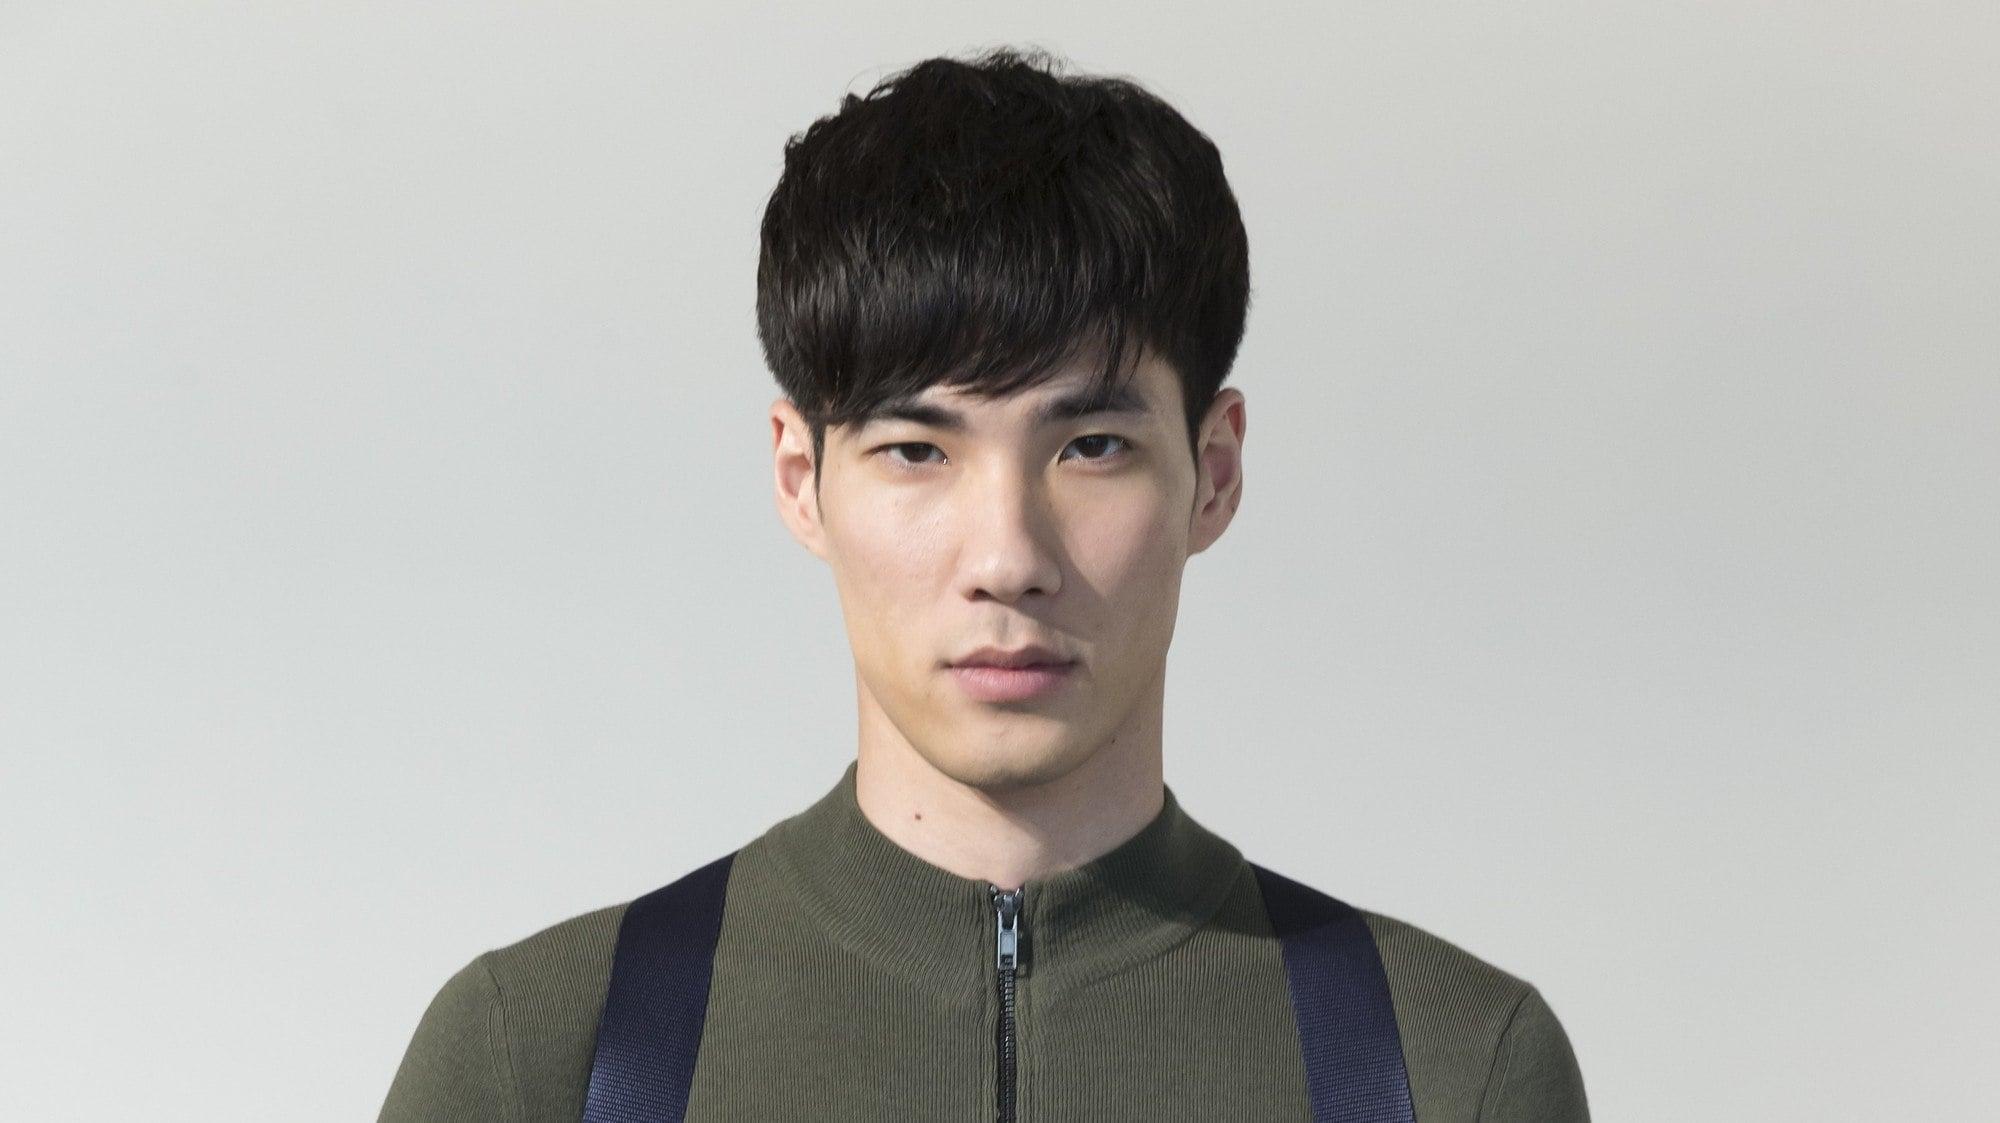 Two Blocks, Gaya Rambut Pria Korea dan 9 Variasinya